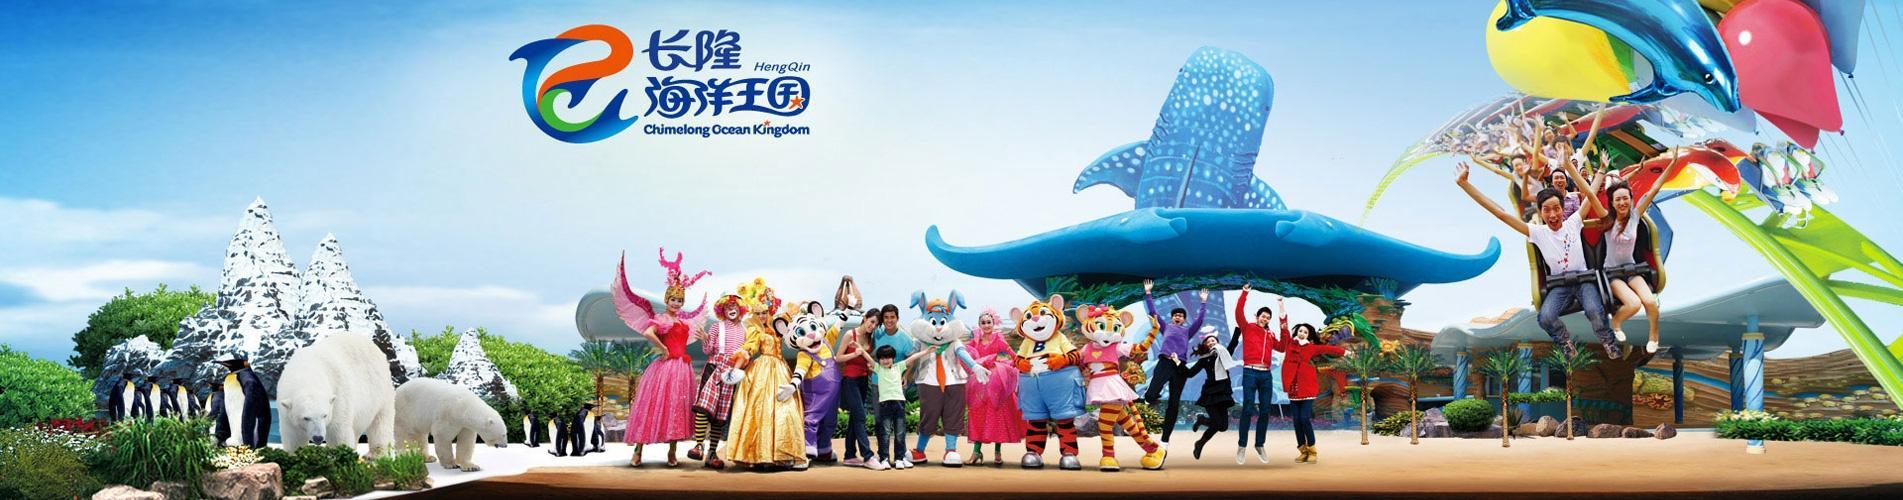 中國短線旅遊 - 珠海長隆海洋王國門票 / 大馬戲門票